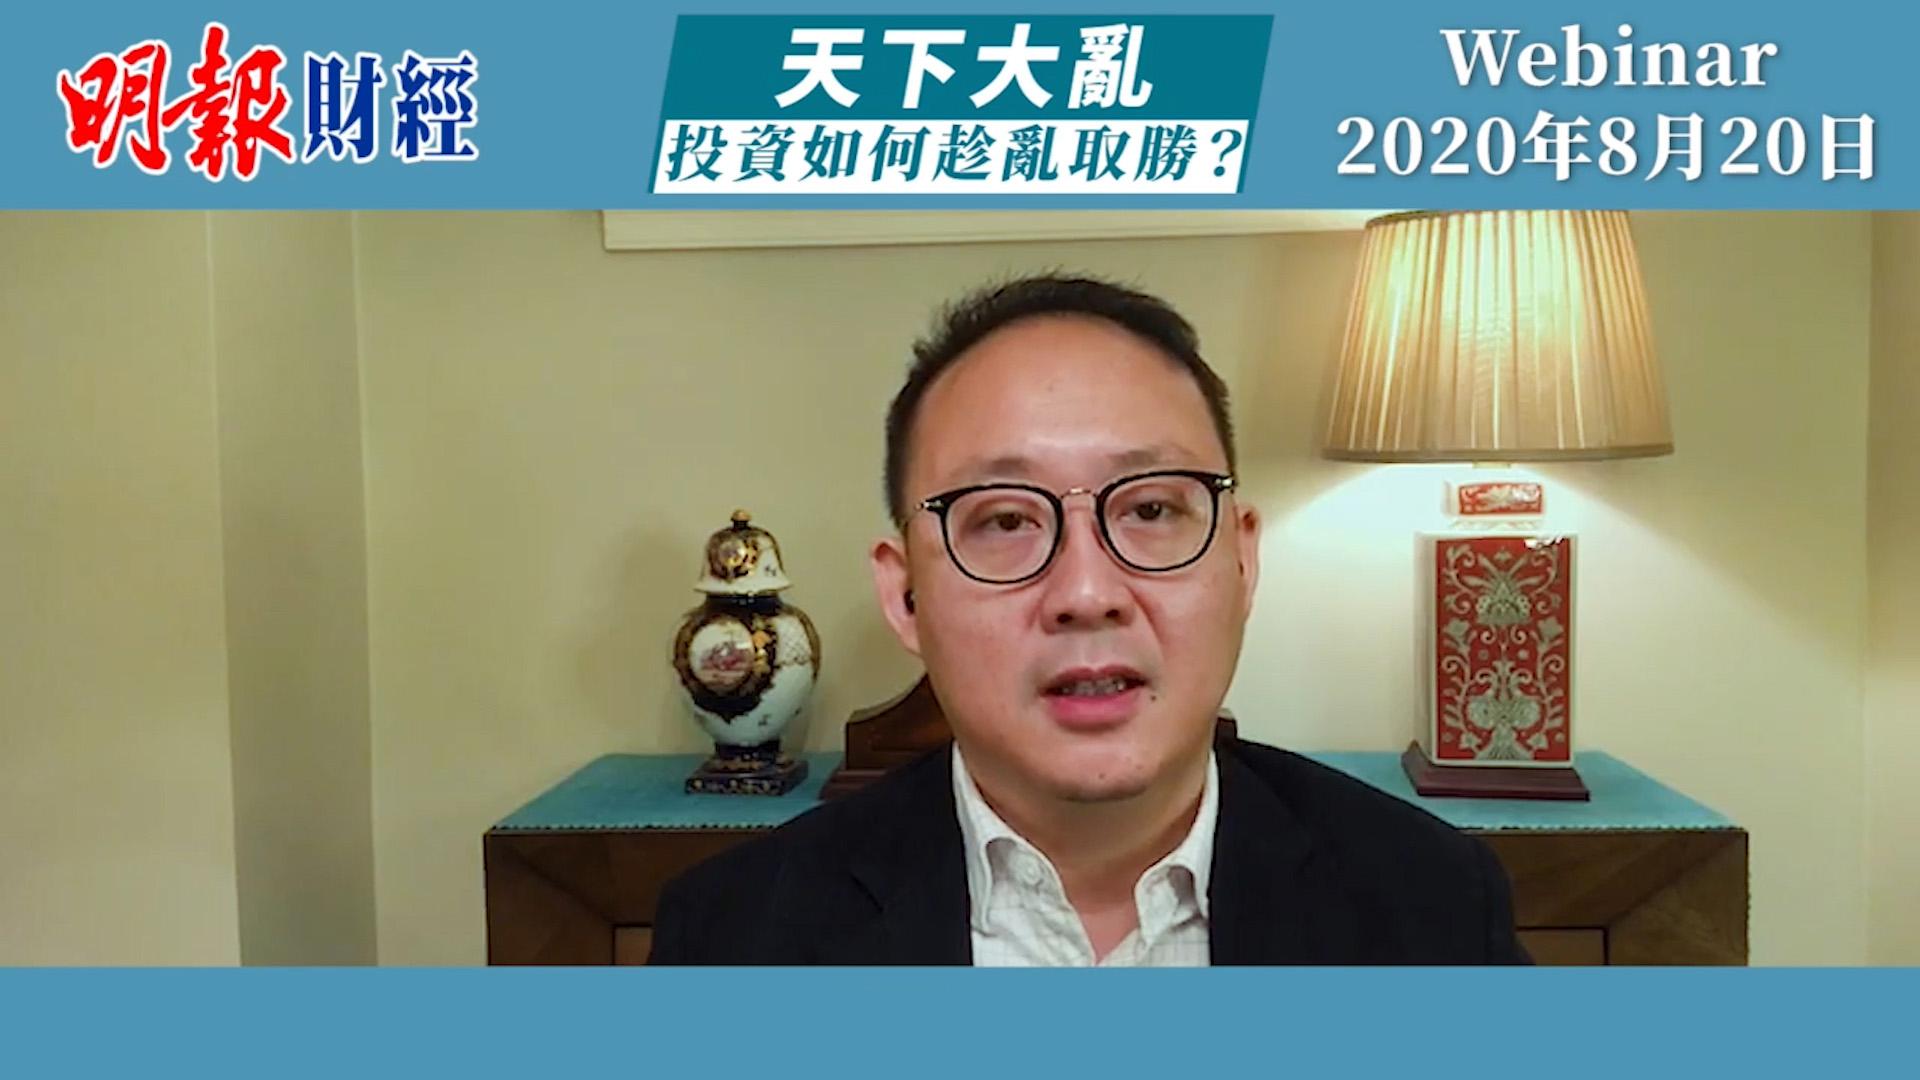 【Webinar】王弼陸振球 「天下大亂 如何趁亂取勝?」 8月20日視像投資研討會